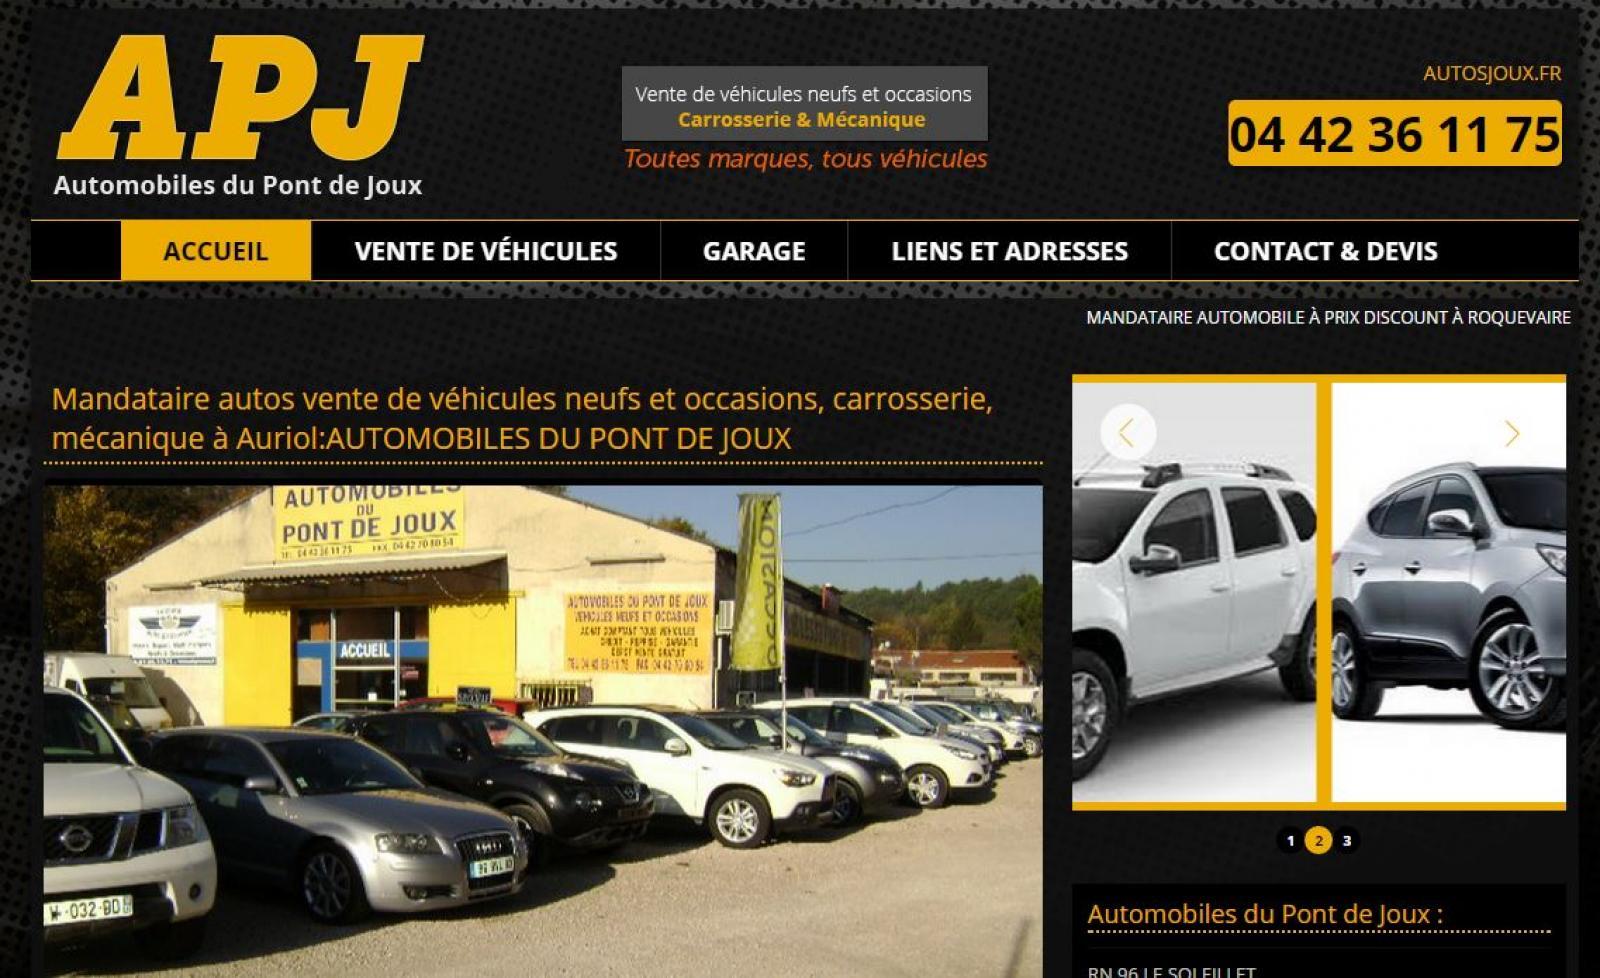 Mandataire automobile toutes marques aubagne automobiles du pont de joux voiture neuve et d - Garage beausejour mercedes aubagne ...